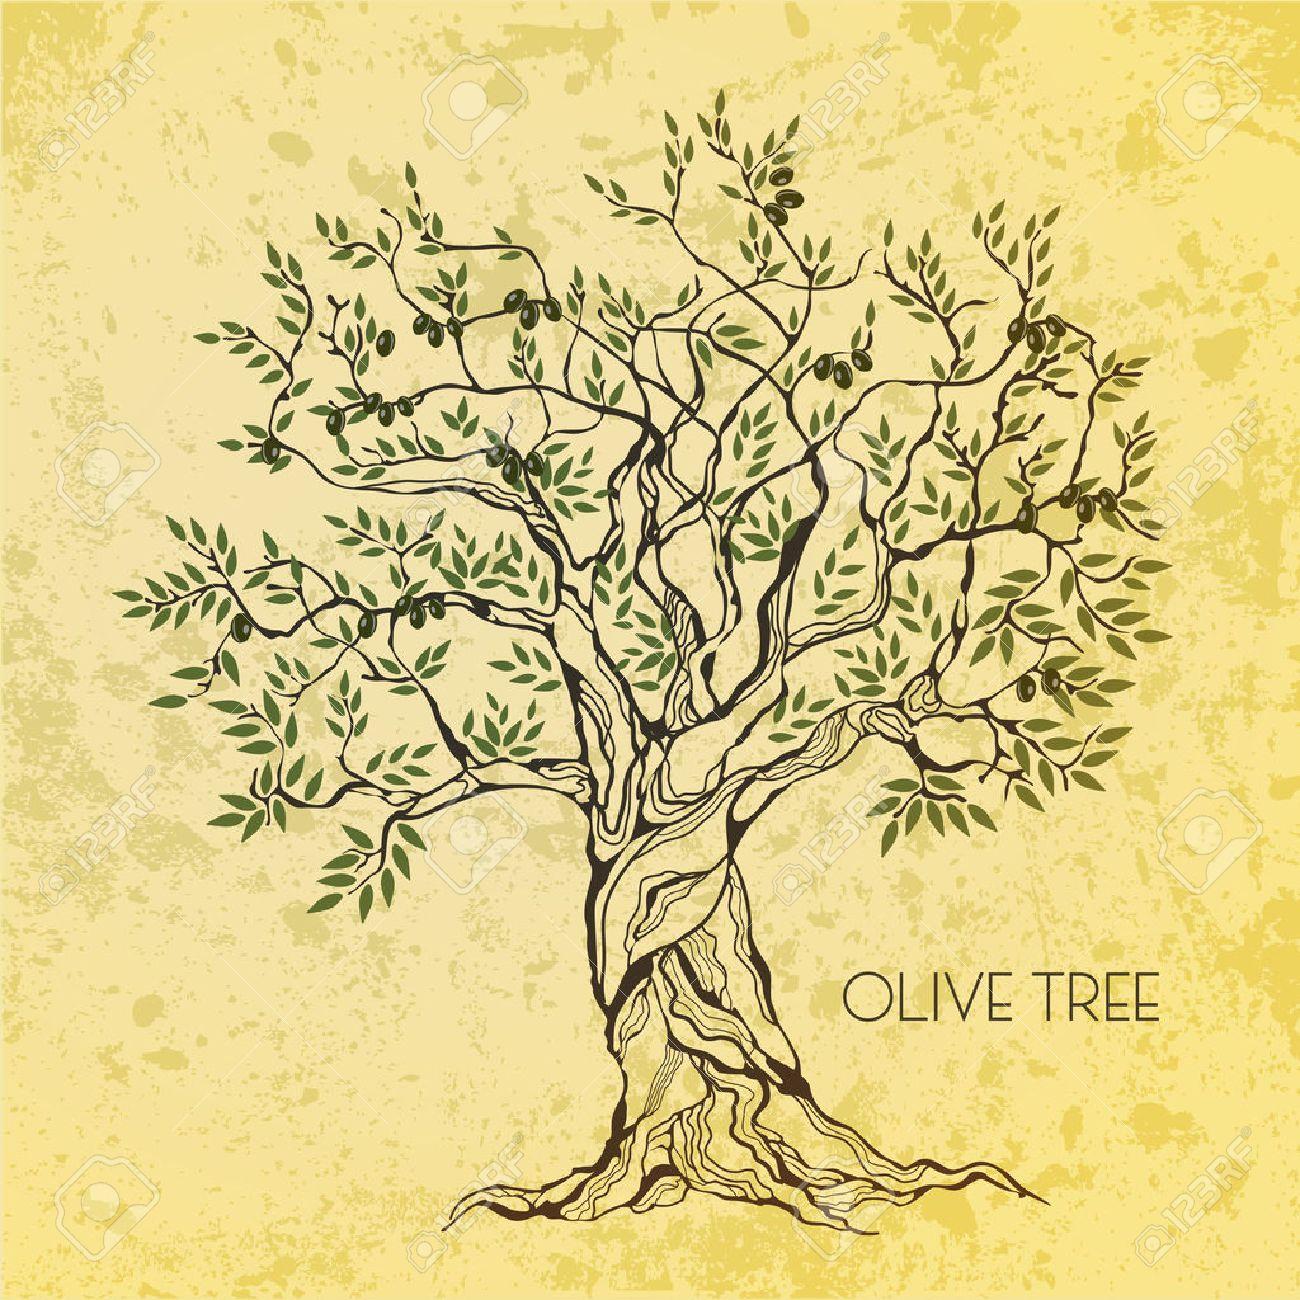 Olive tree on vintage paper - 40858716